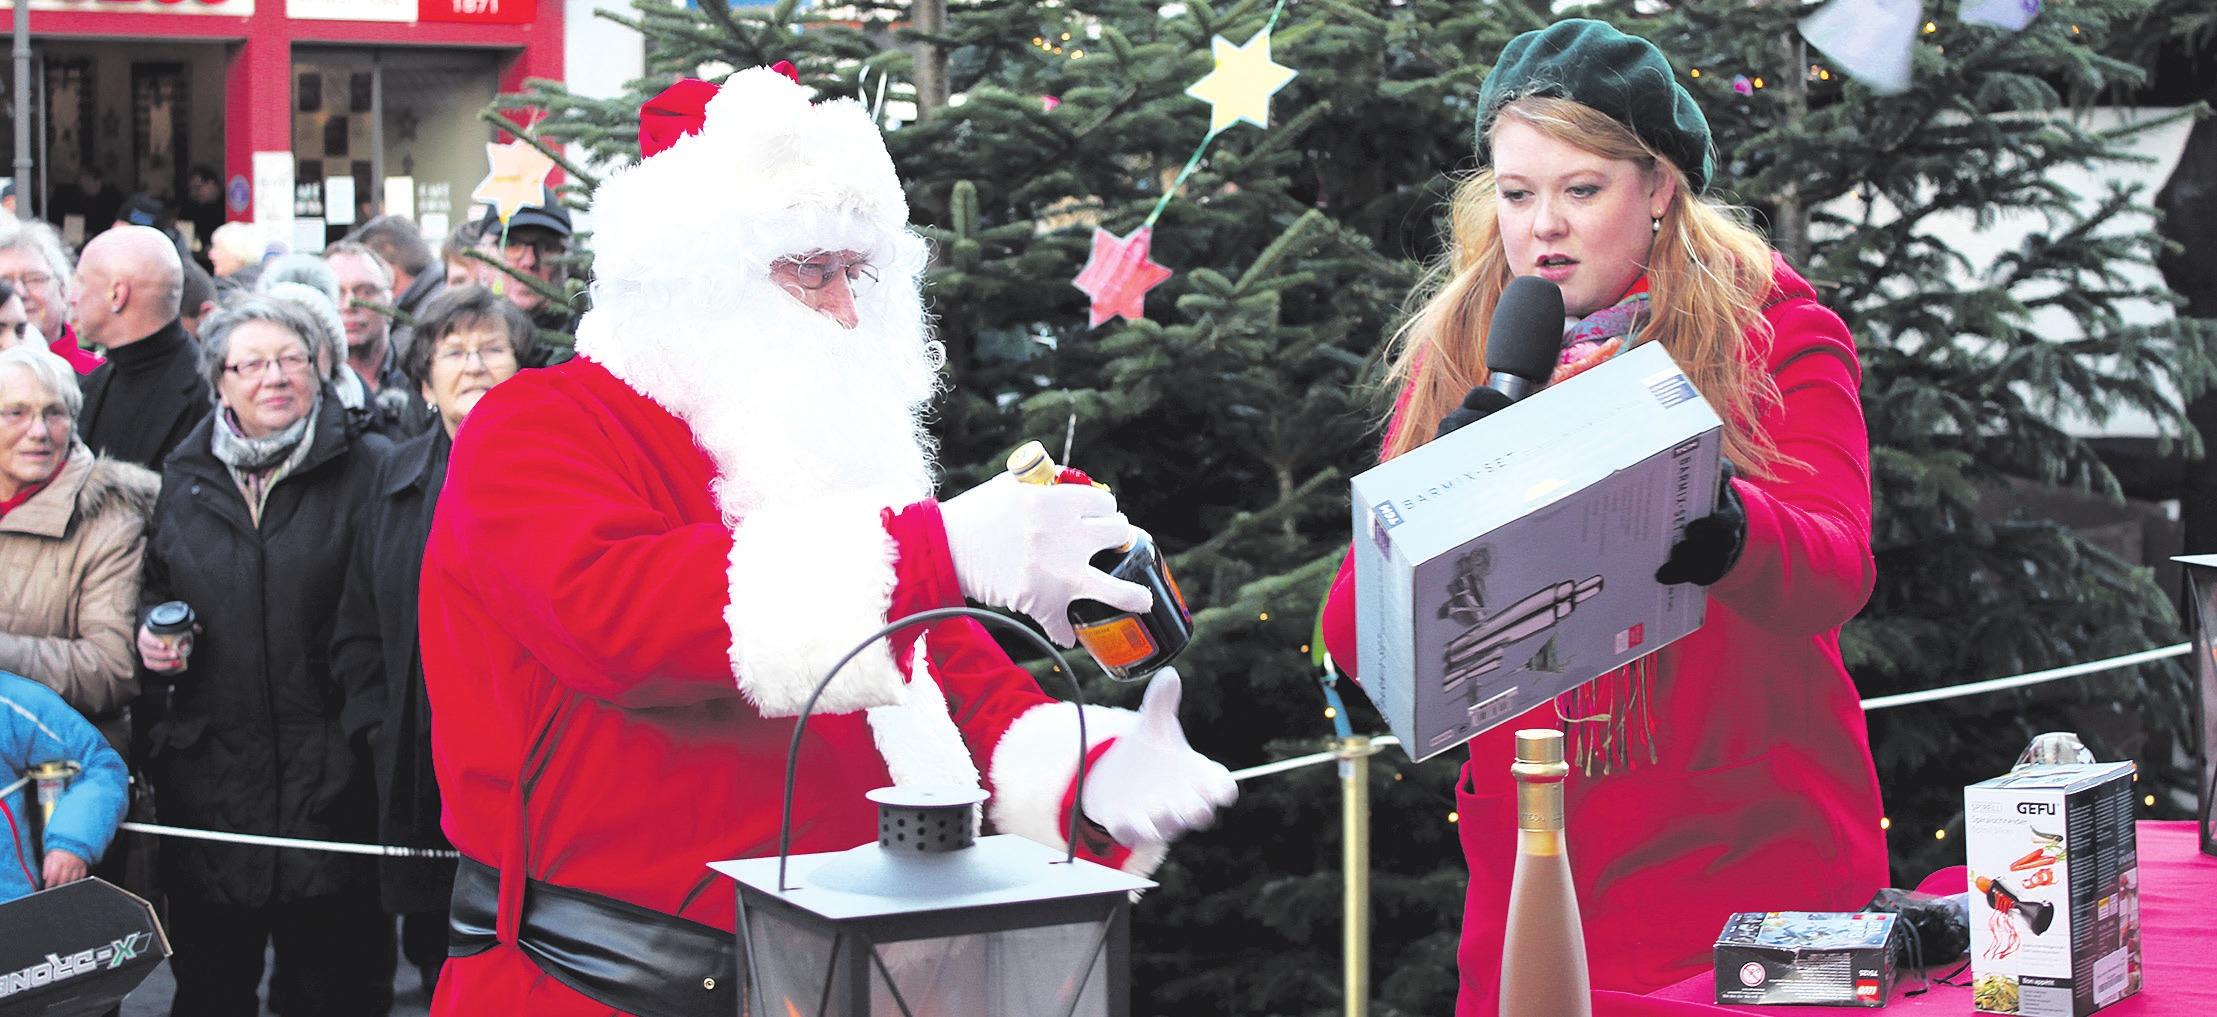 Der Weihnachtsmann schiebt eine Sonderschicht. Foto: ©CTM GmbH/Marcus Feuerstein